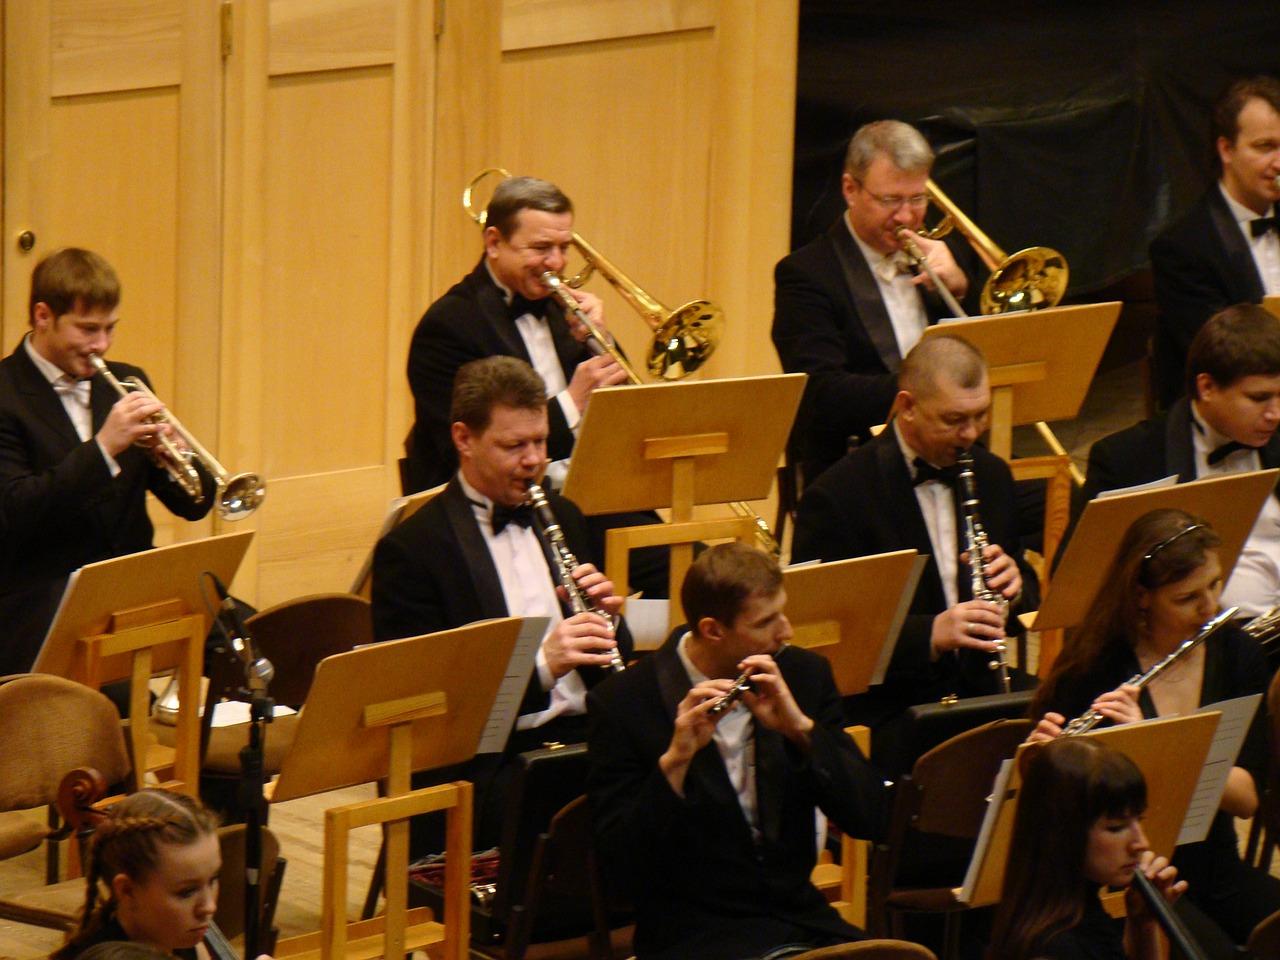 Przyjdź na dzień otwarty do Nowej Filharmonii!